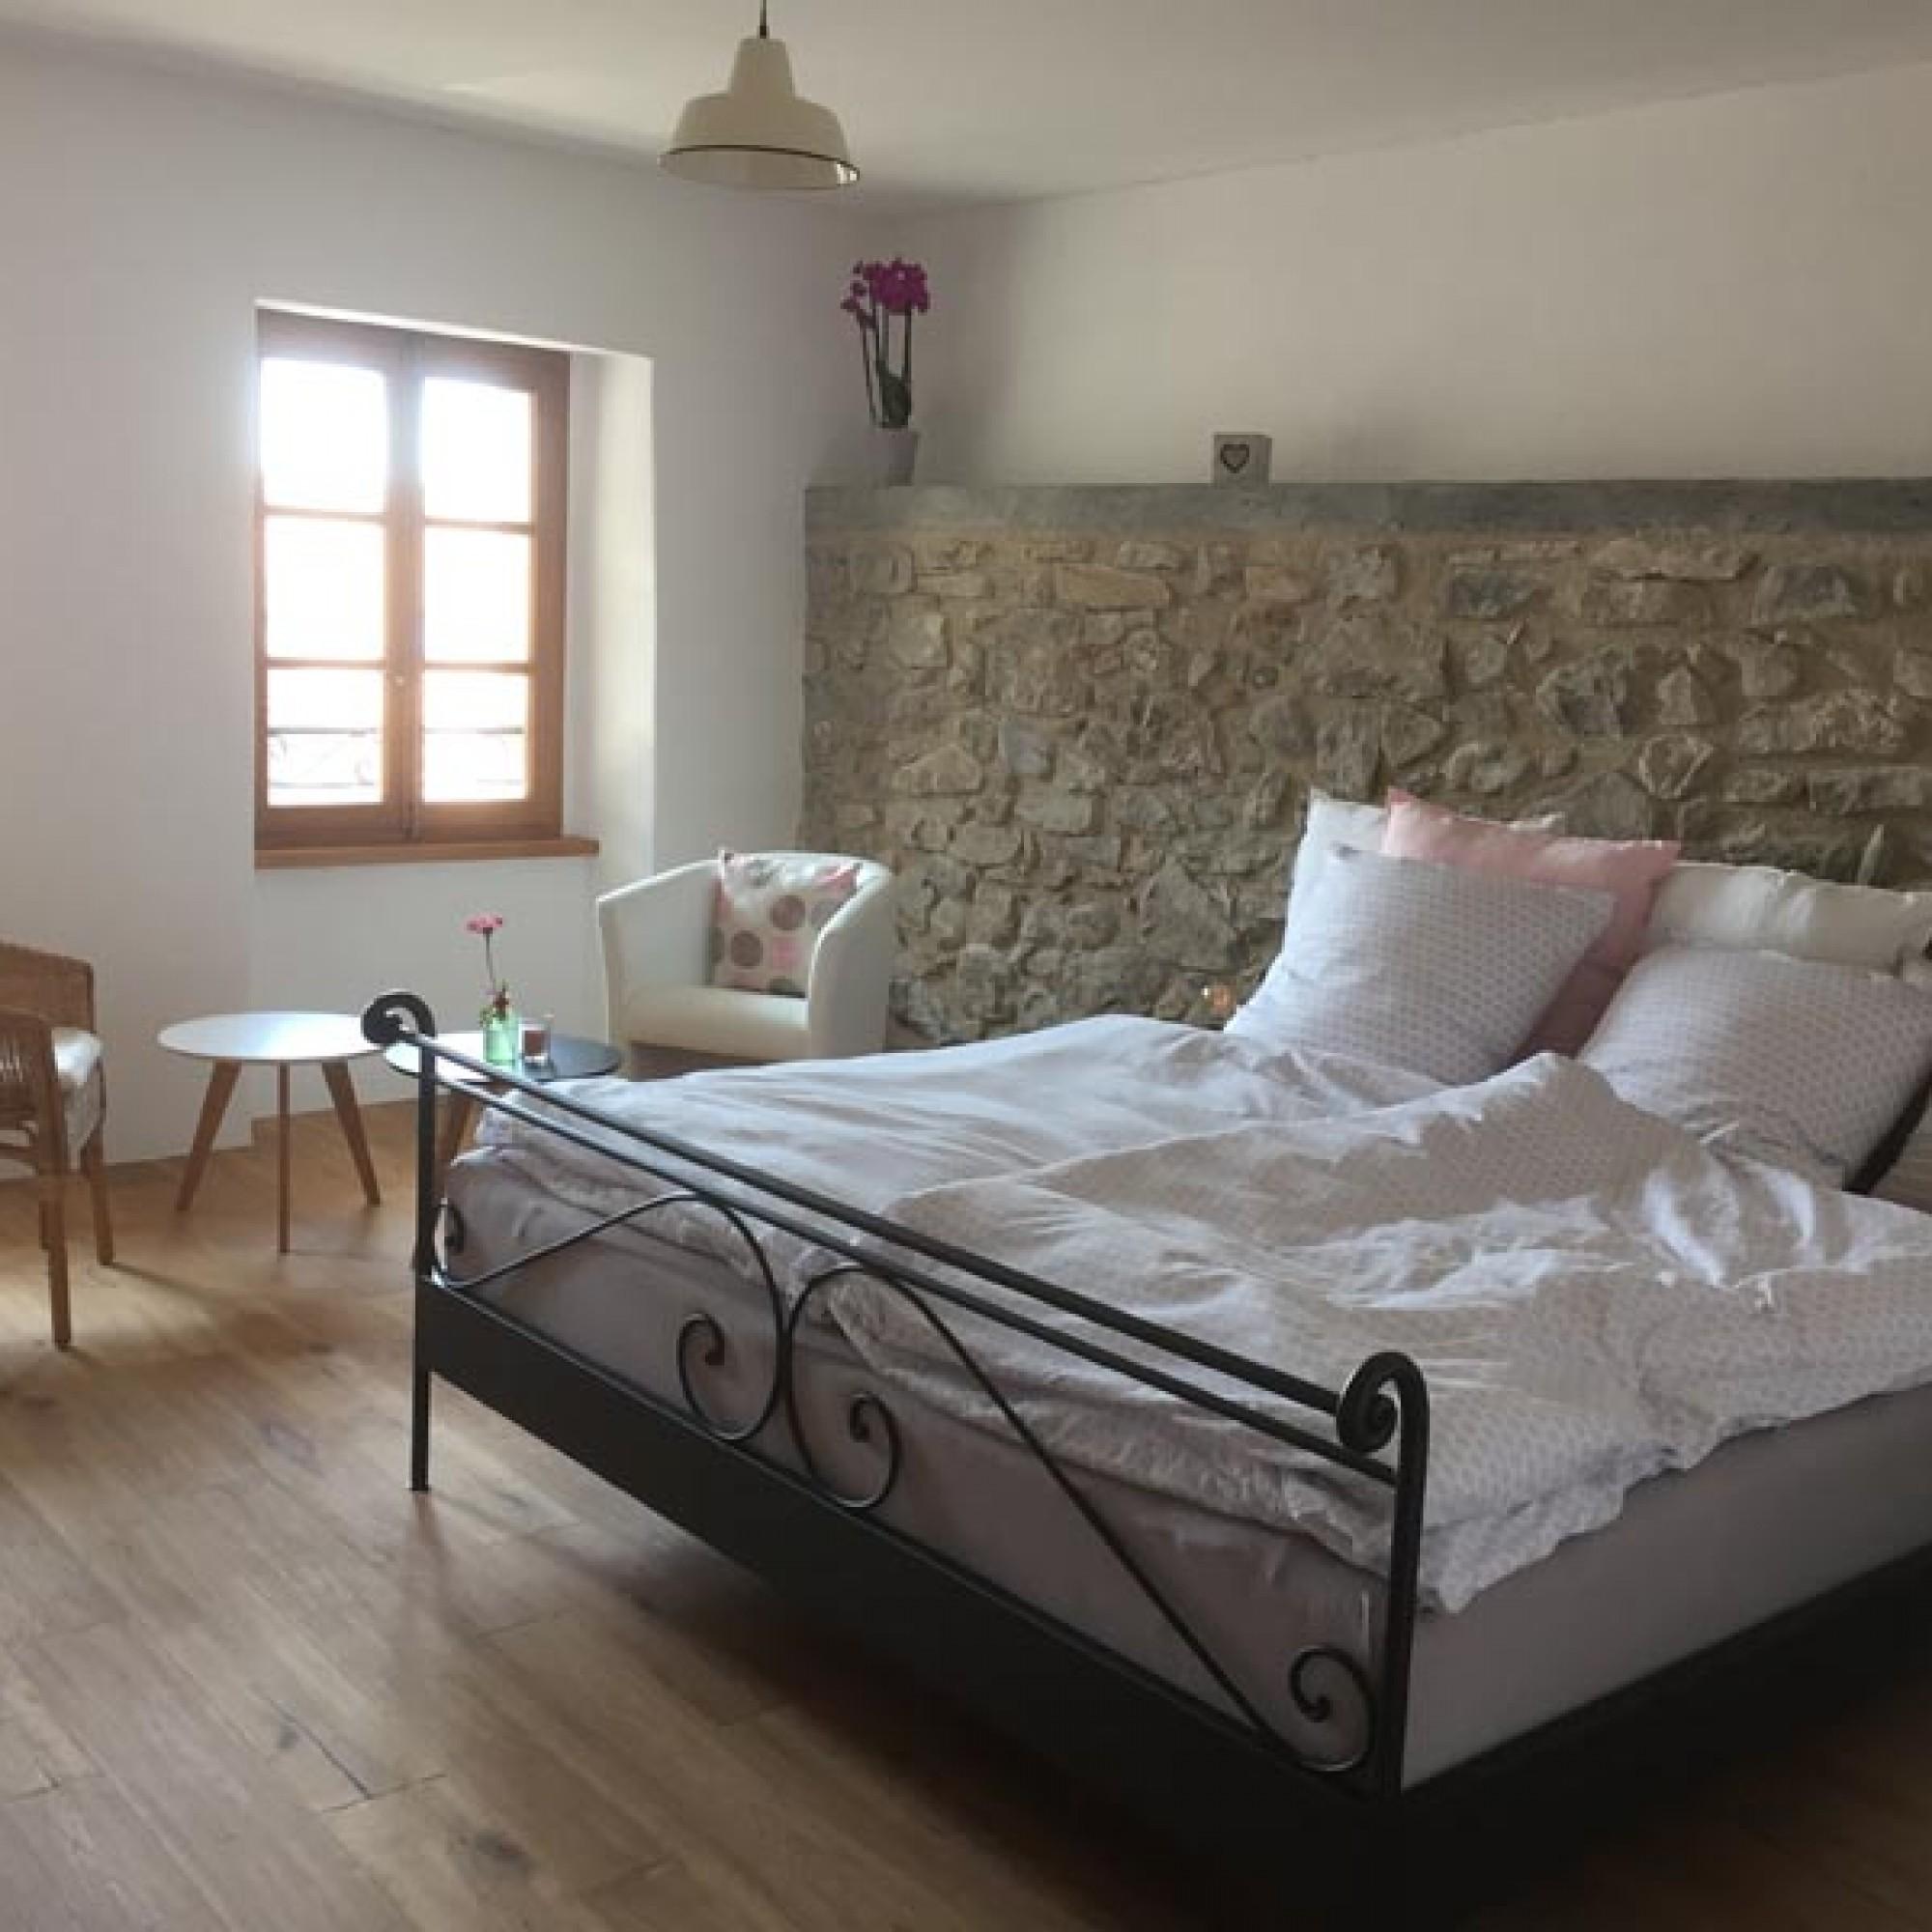 Une des trois chambres d'hôtes, récemment ouverte aux touristes.